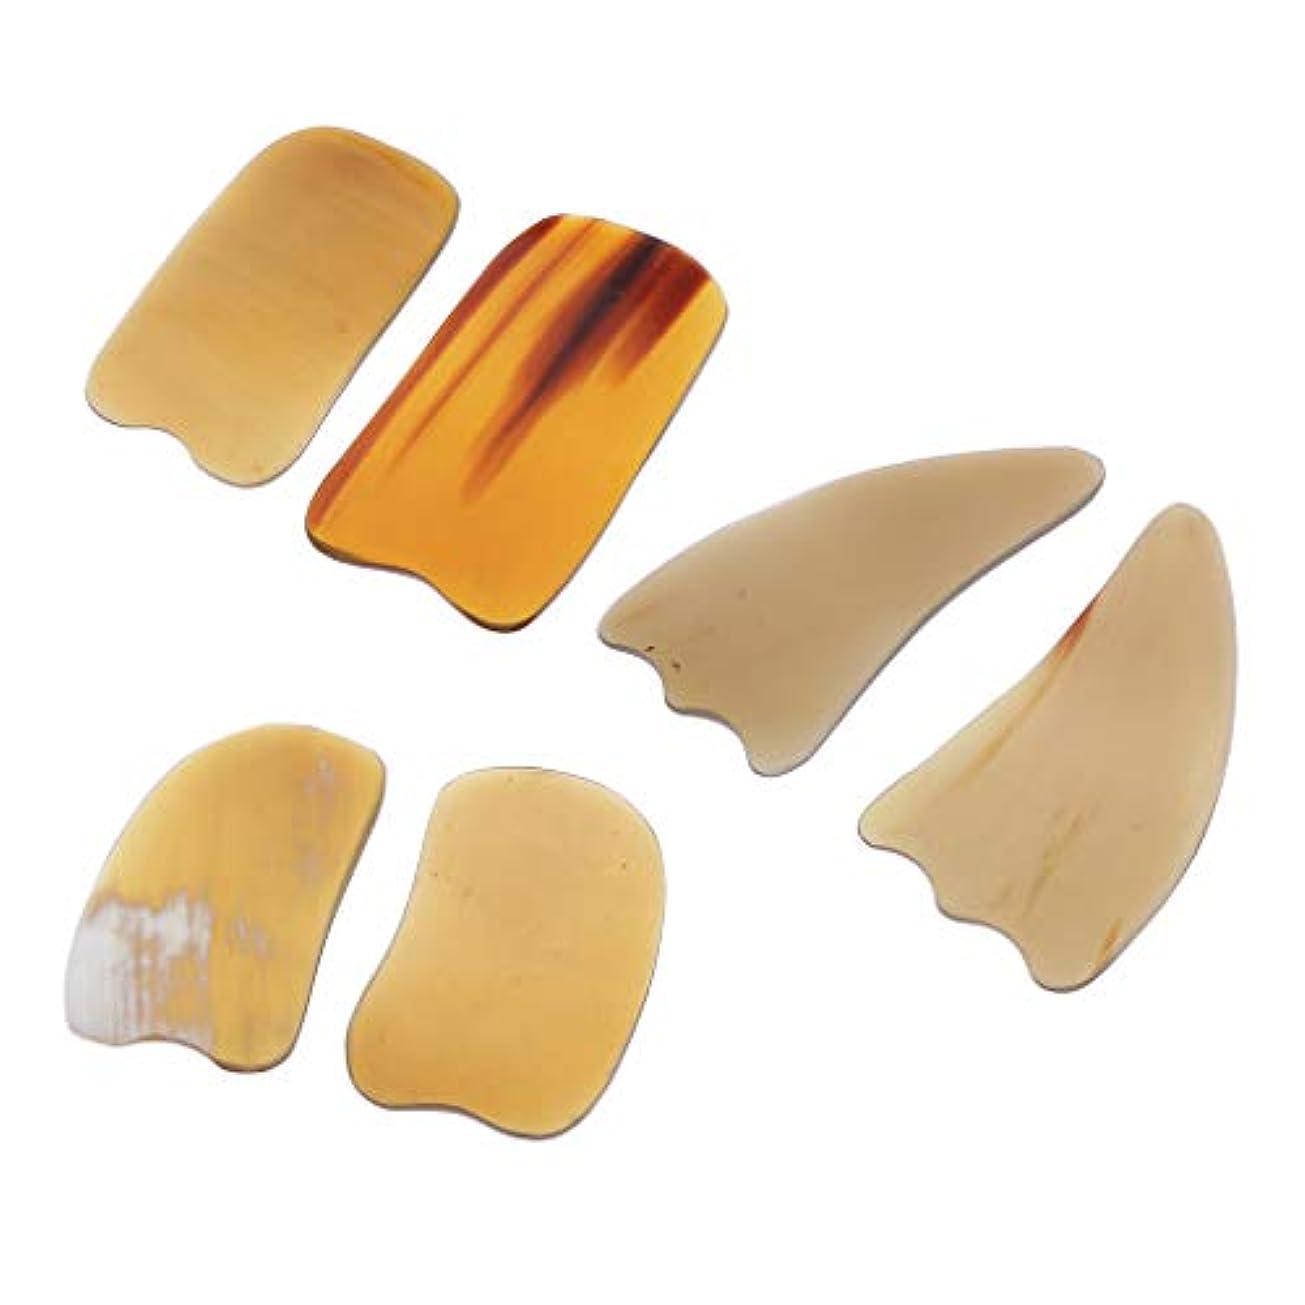 アートモンク現代のマッサージ スクレイピングボード ボディマッサージ 角形 滑らかな スパマッサージツール